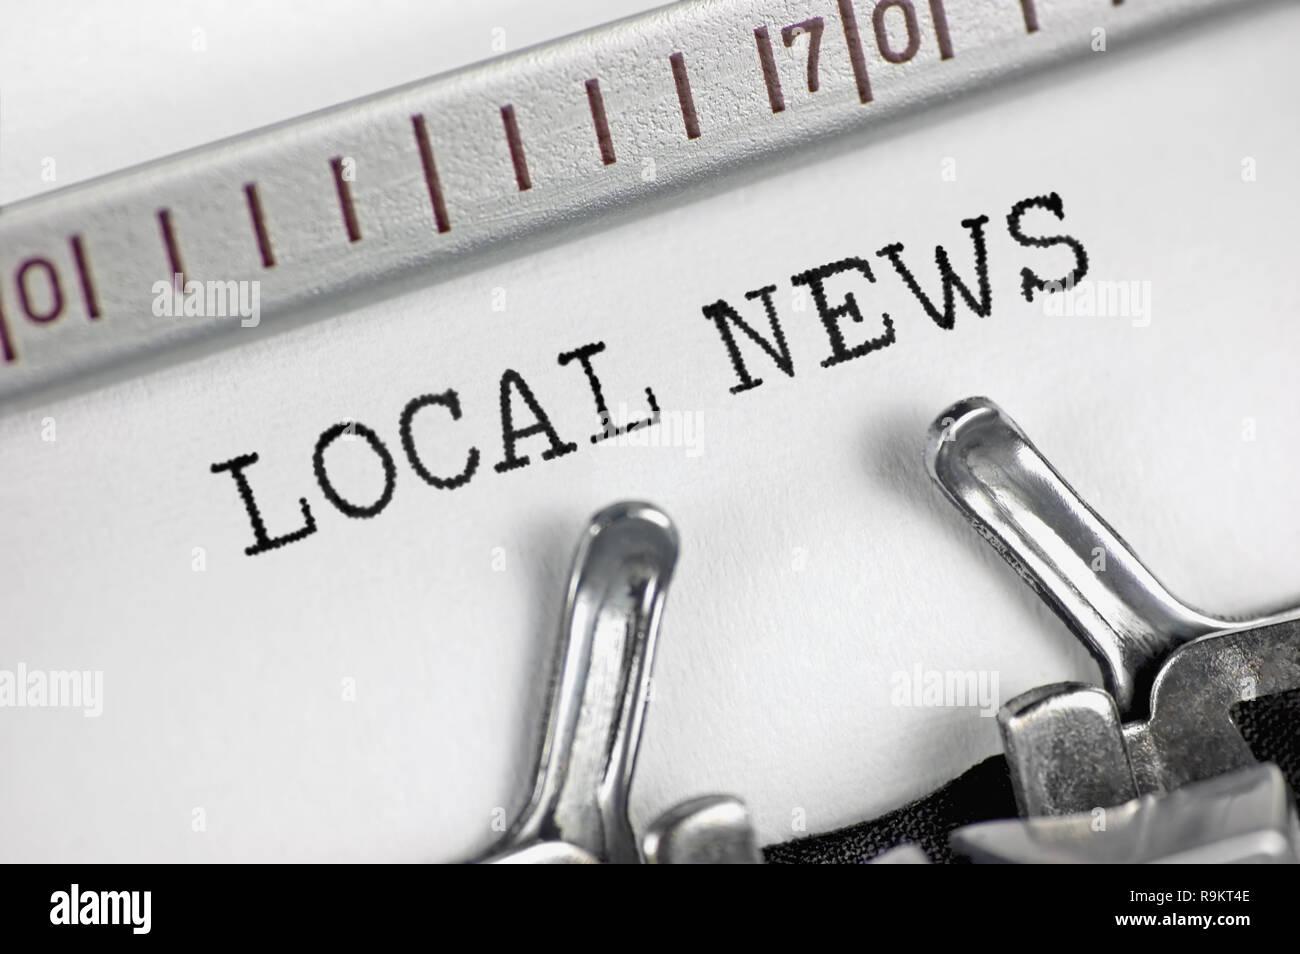 Schreibmaschine detaillierte Makro Nahaufnahme, Journalist text lokale  Nachrichten große retro Detail vintage Newsletter bulletin Organisation  Medien ...